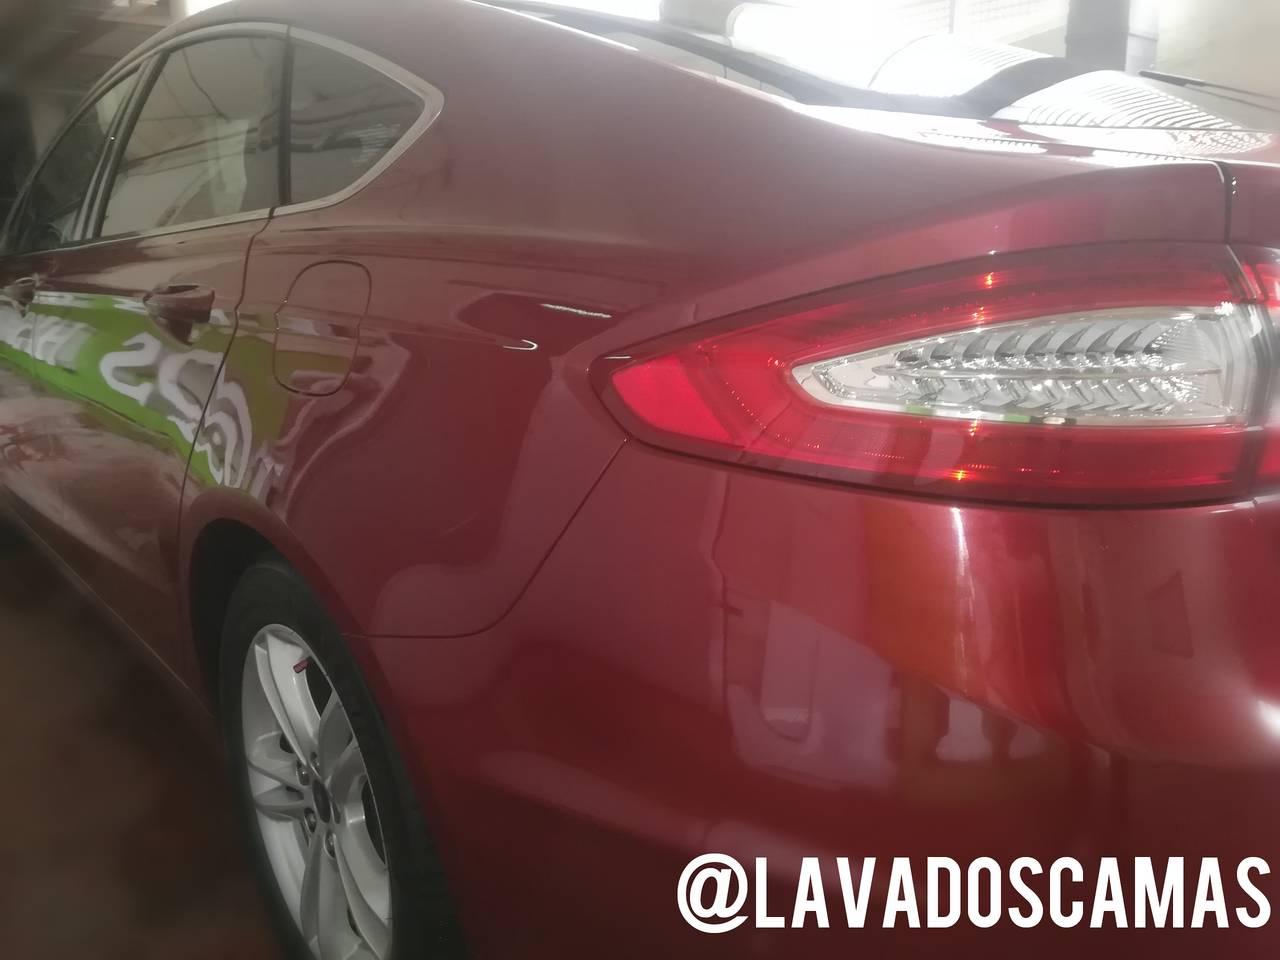 Lavado de vehículos en Camas (Sevilla)  - Foto 3